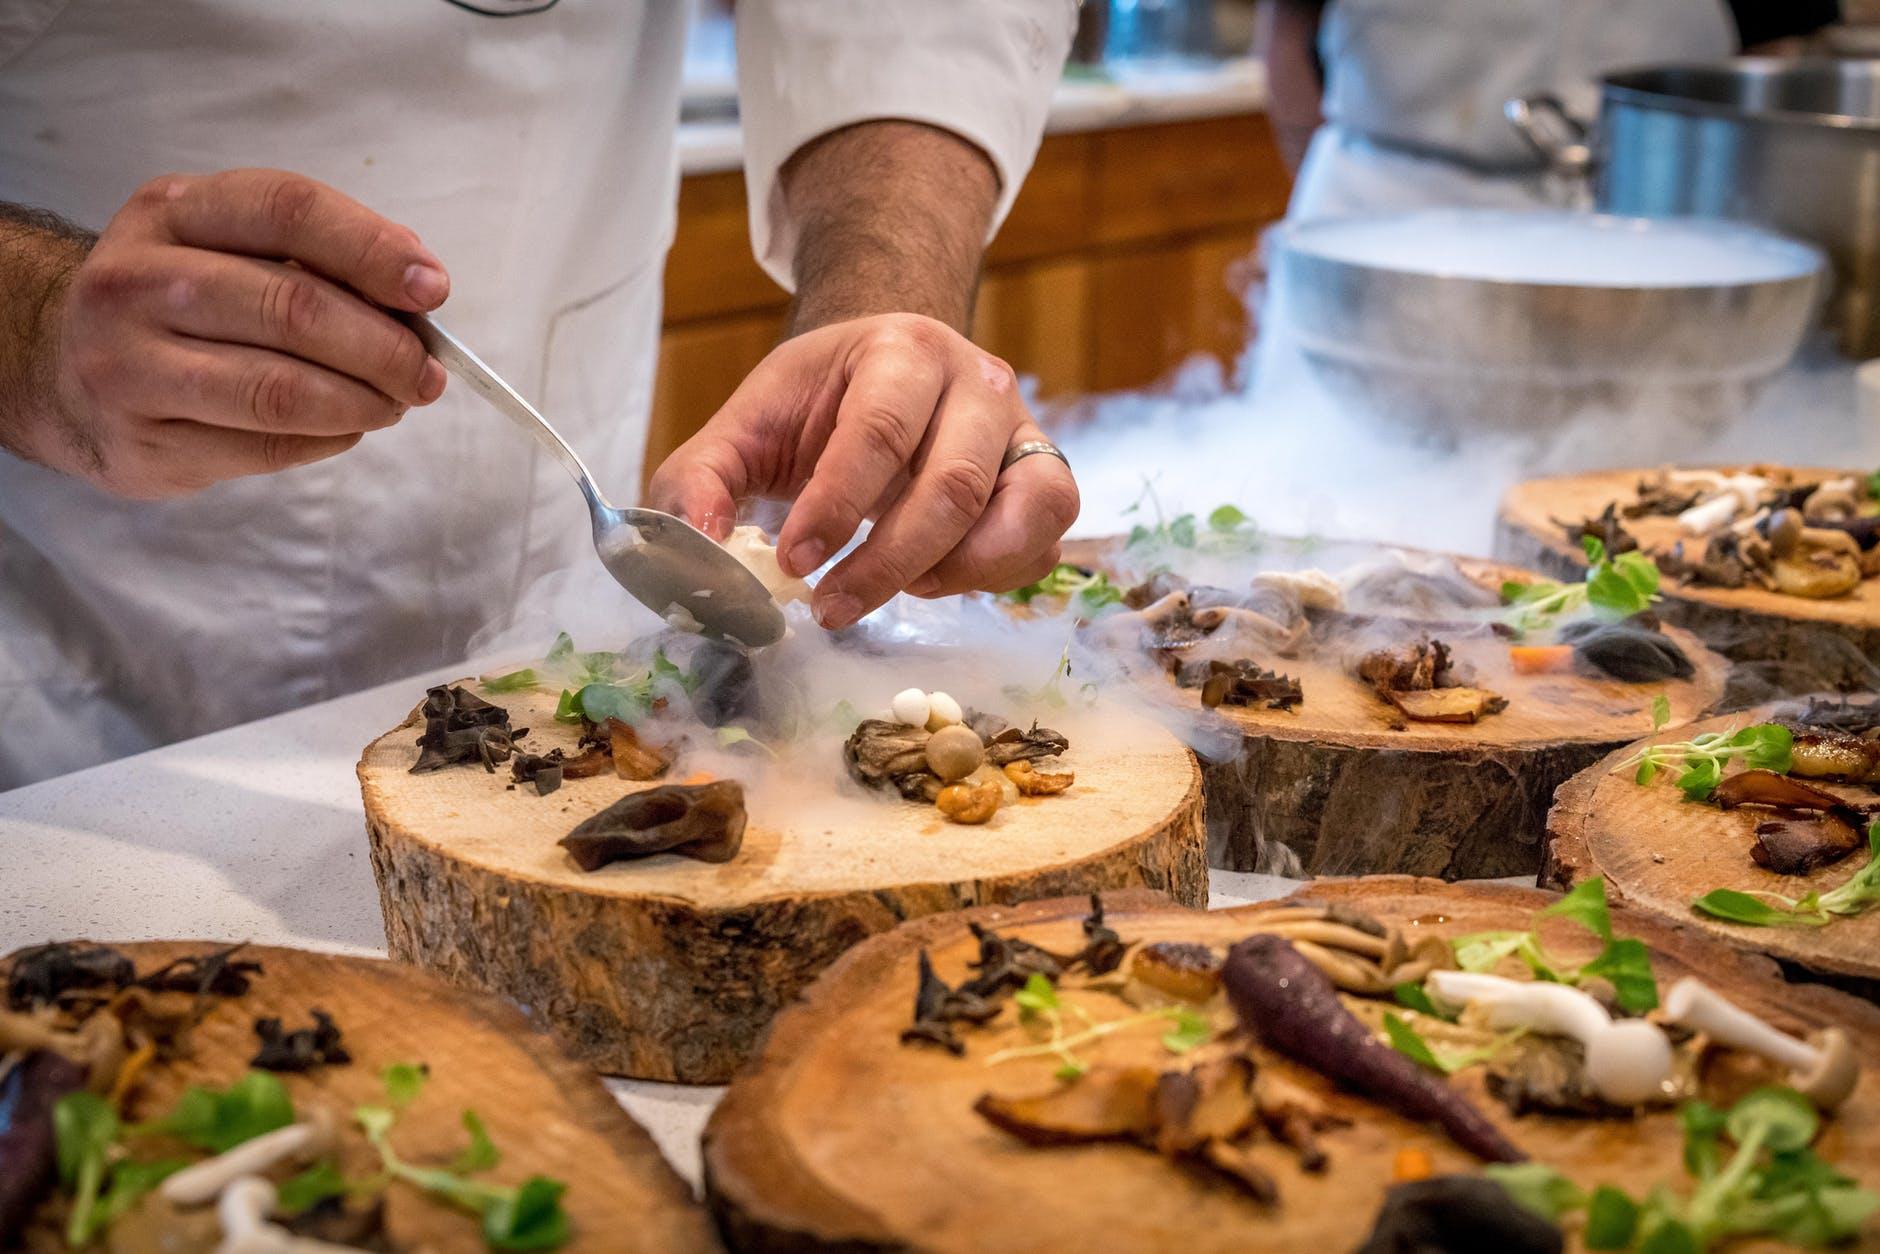 cocinando setas, hongos y champiñones